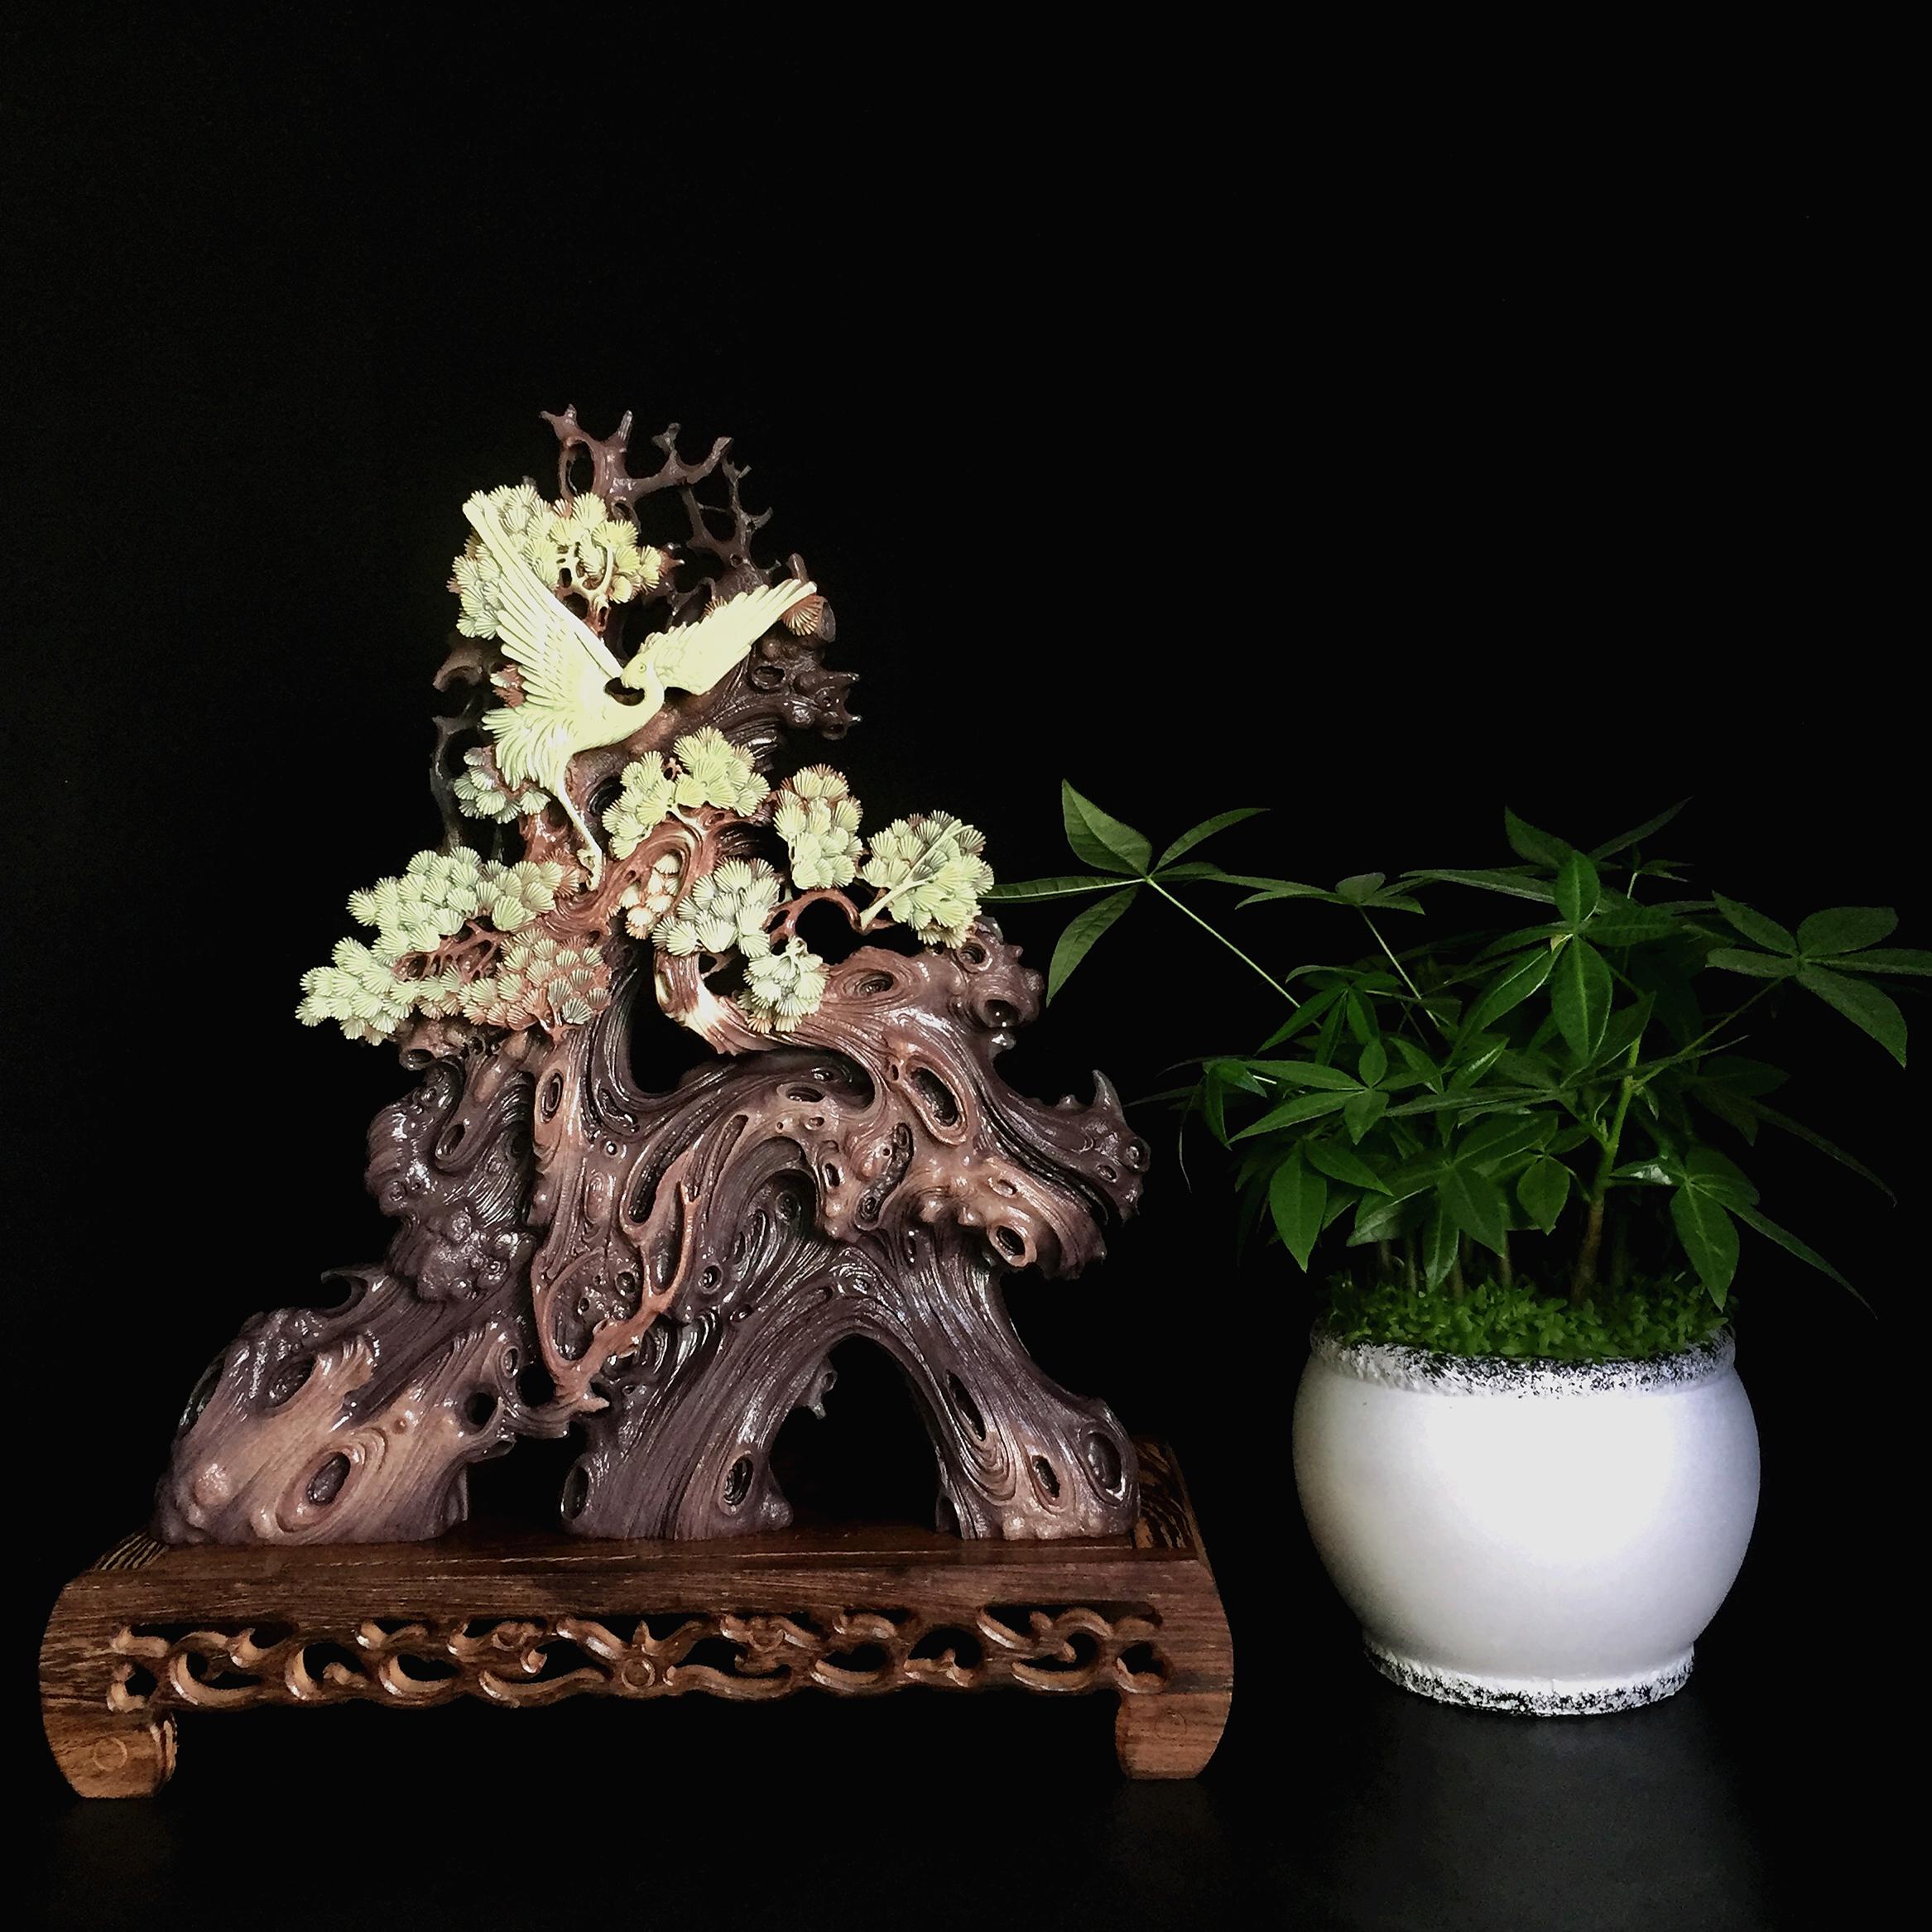 紫袍玉带石摆件手工雕刻工艺品家居饰品书房客厅中式玄关高档礼品